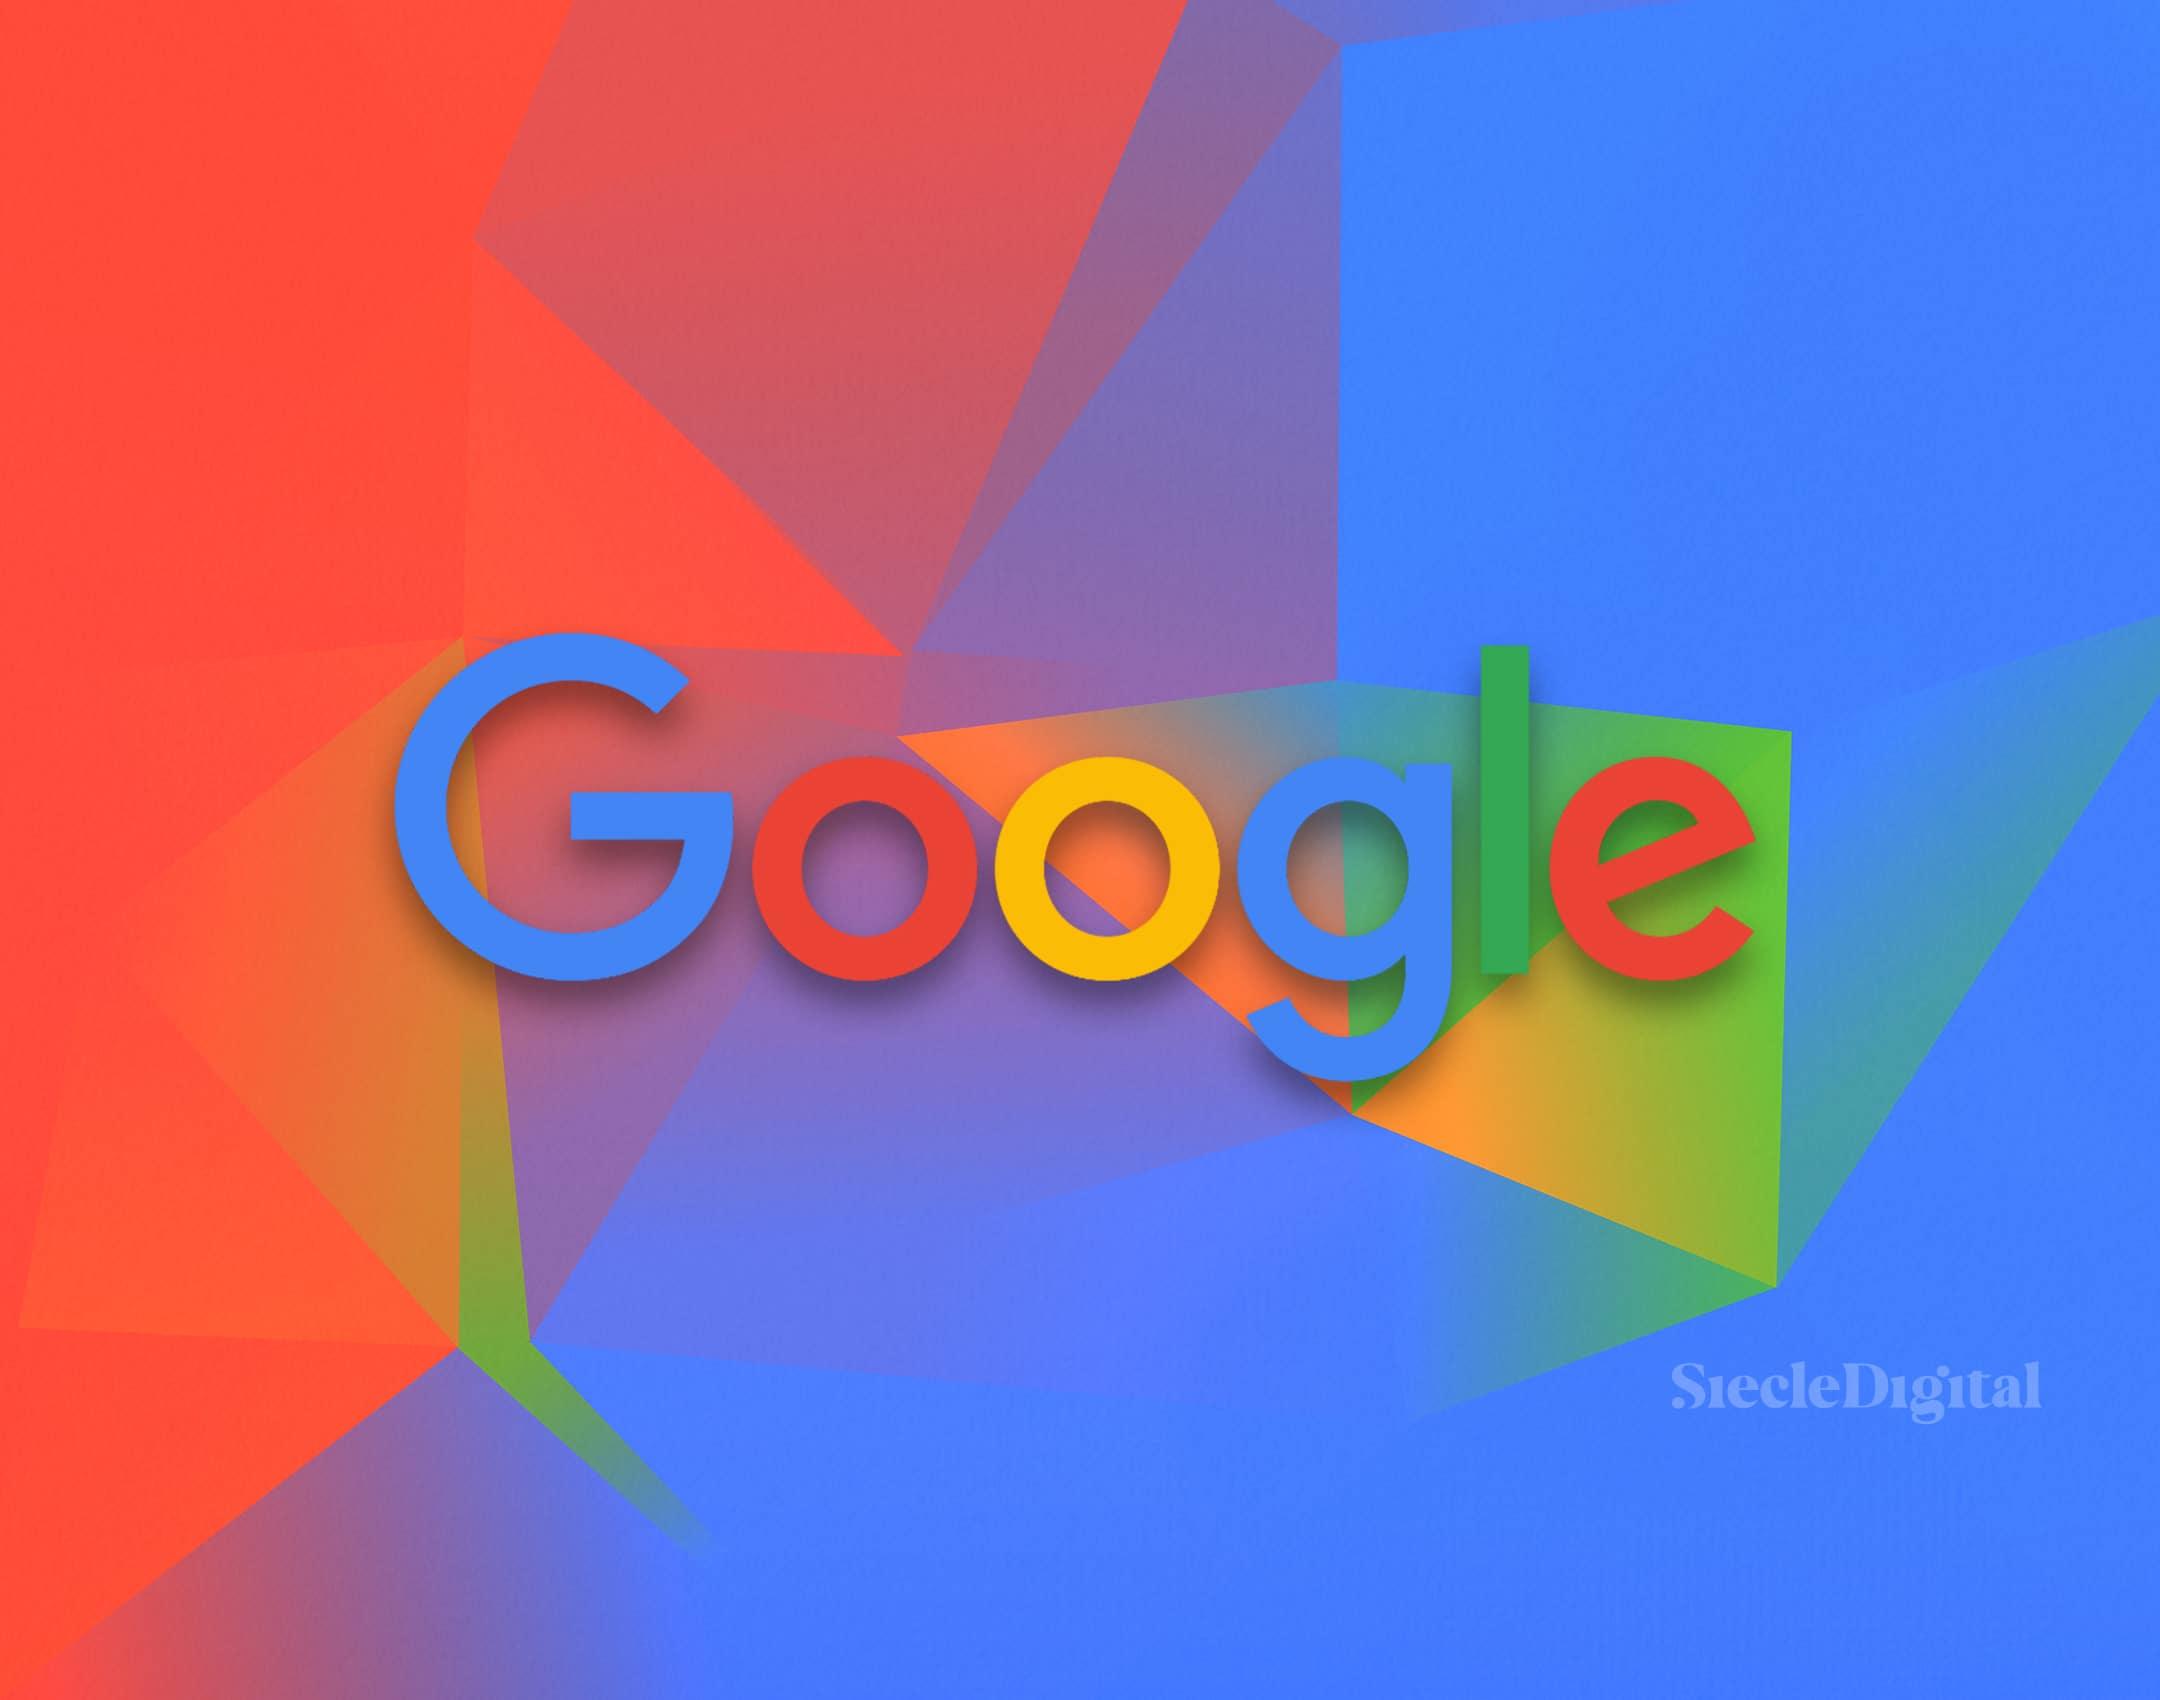 Google va contester l'amende antitrust de 4,3 milliards d'euros qui lui a été imposée par l'UE